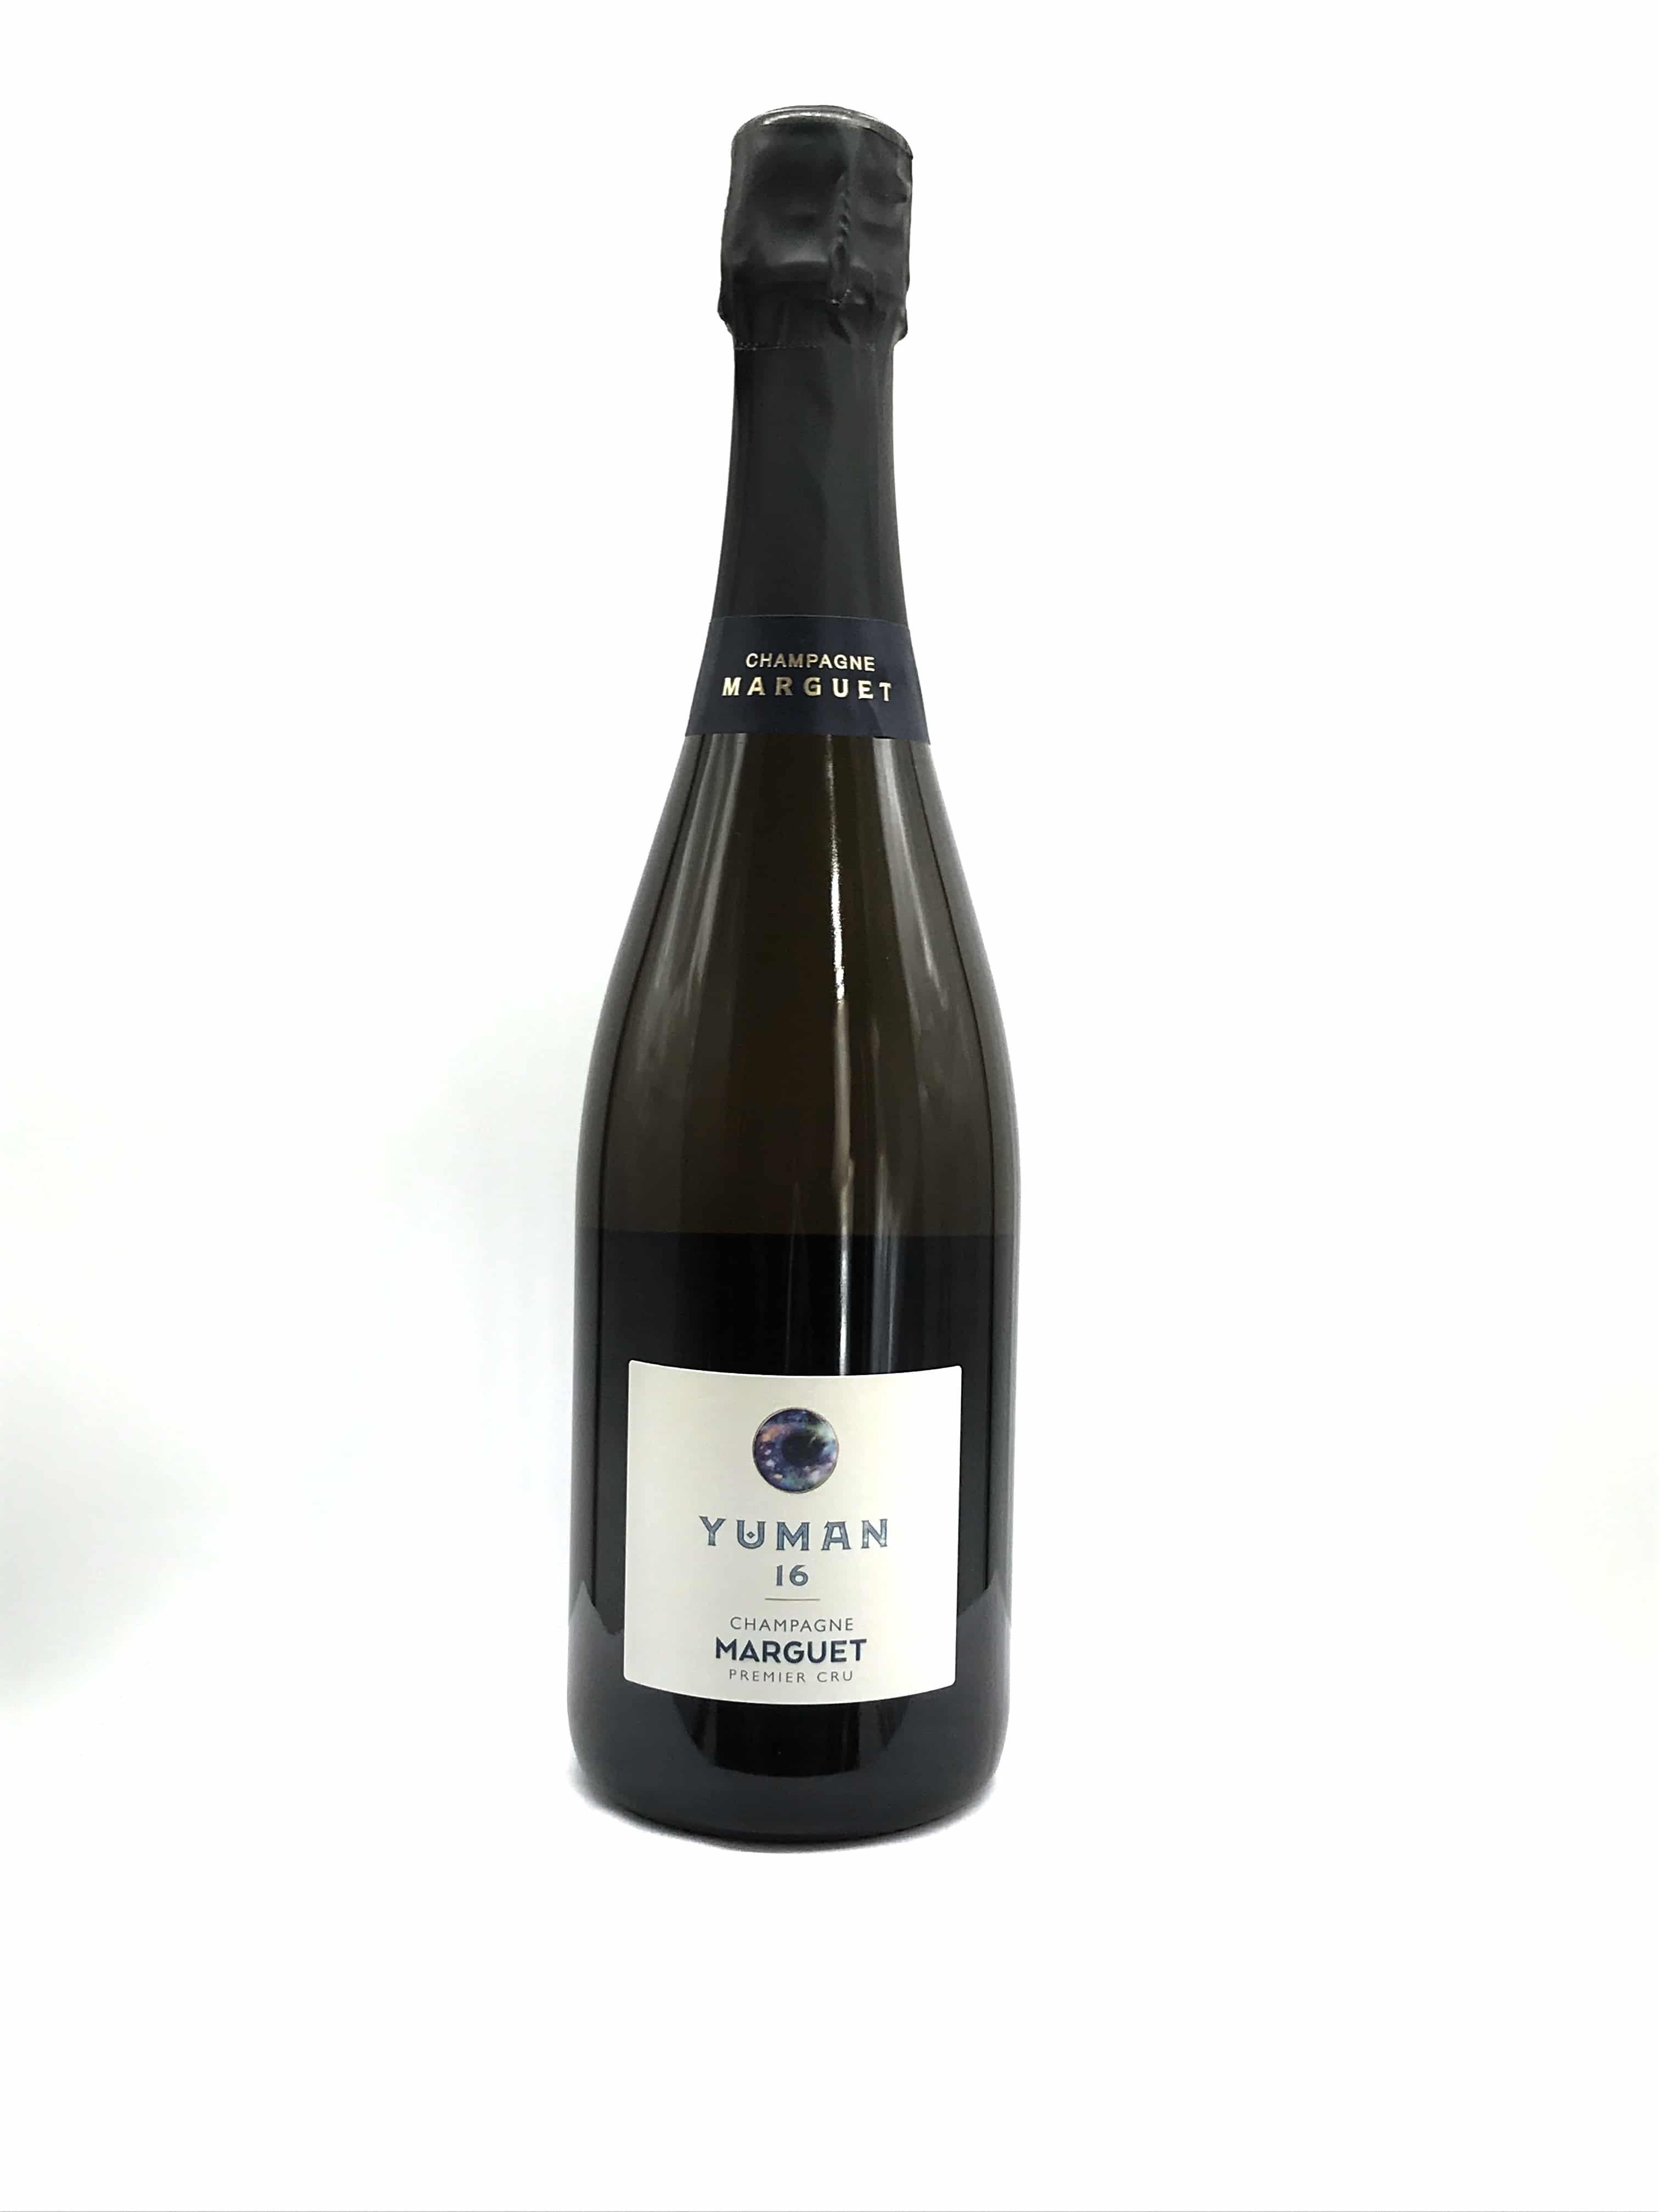 Champagne Marguet Yuman